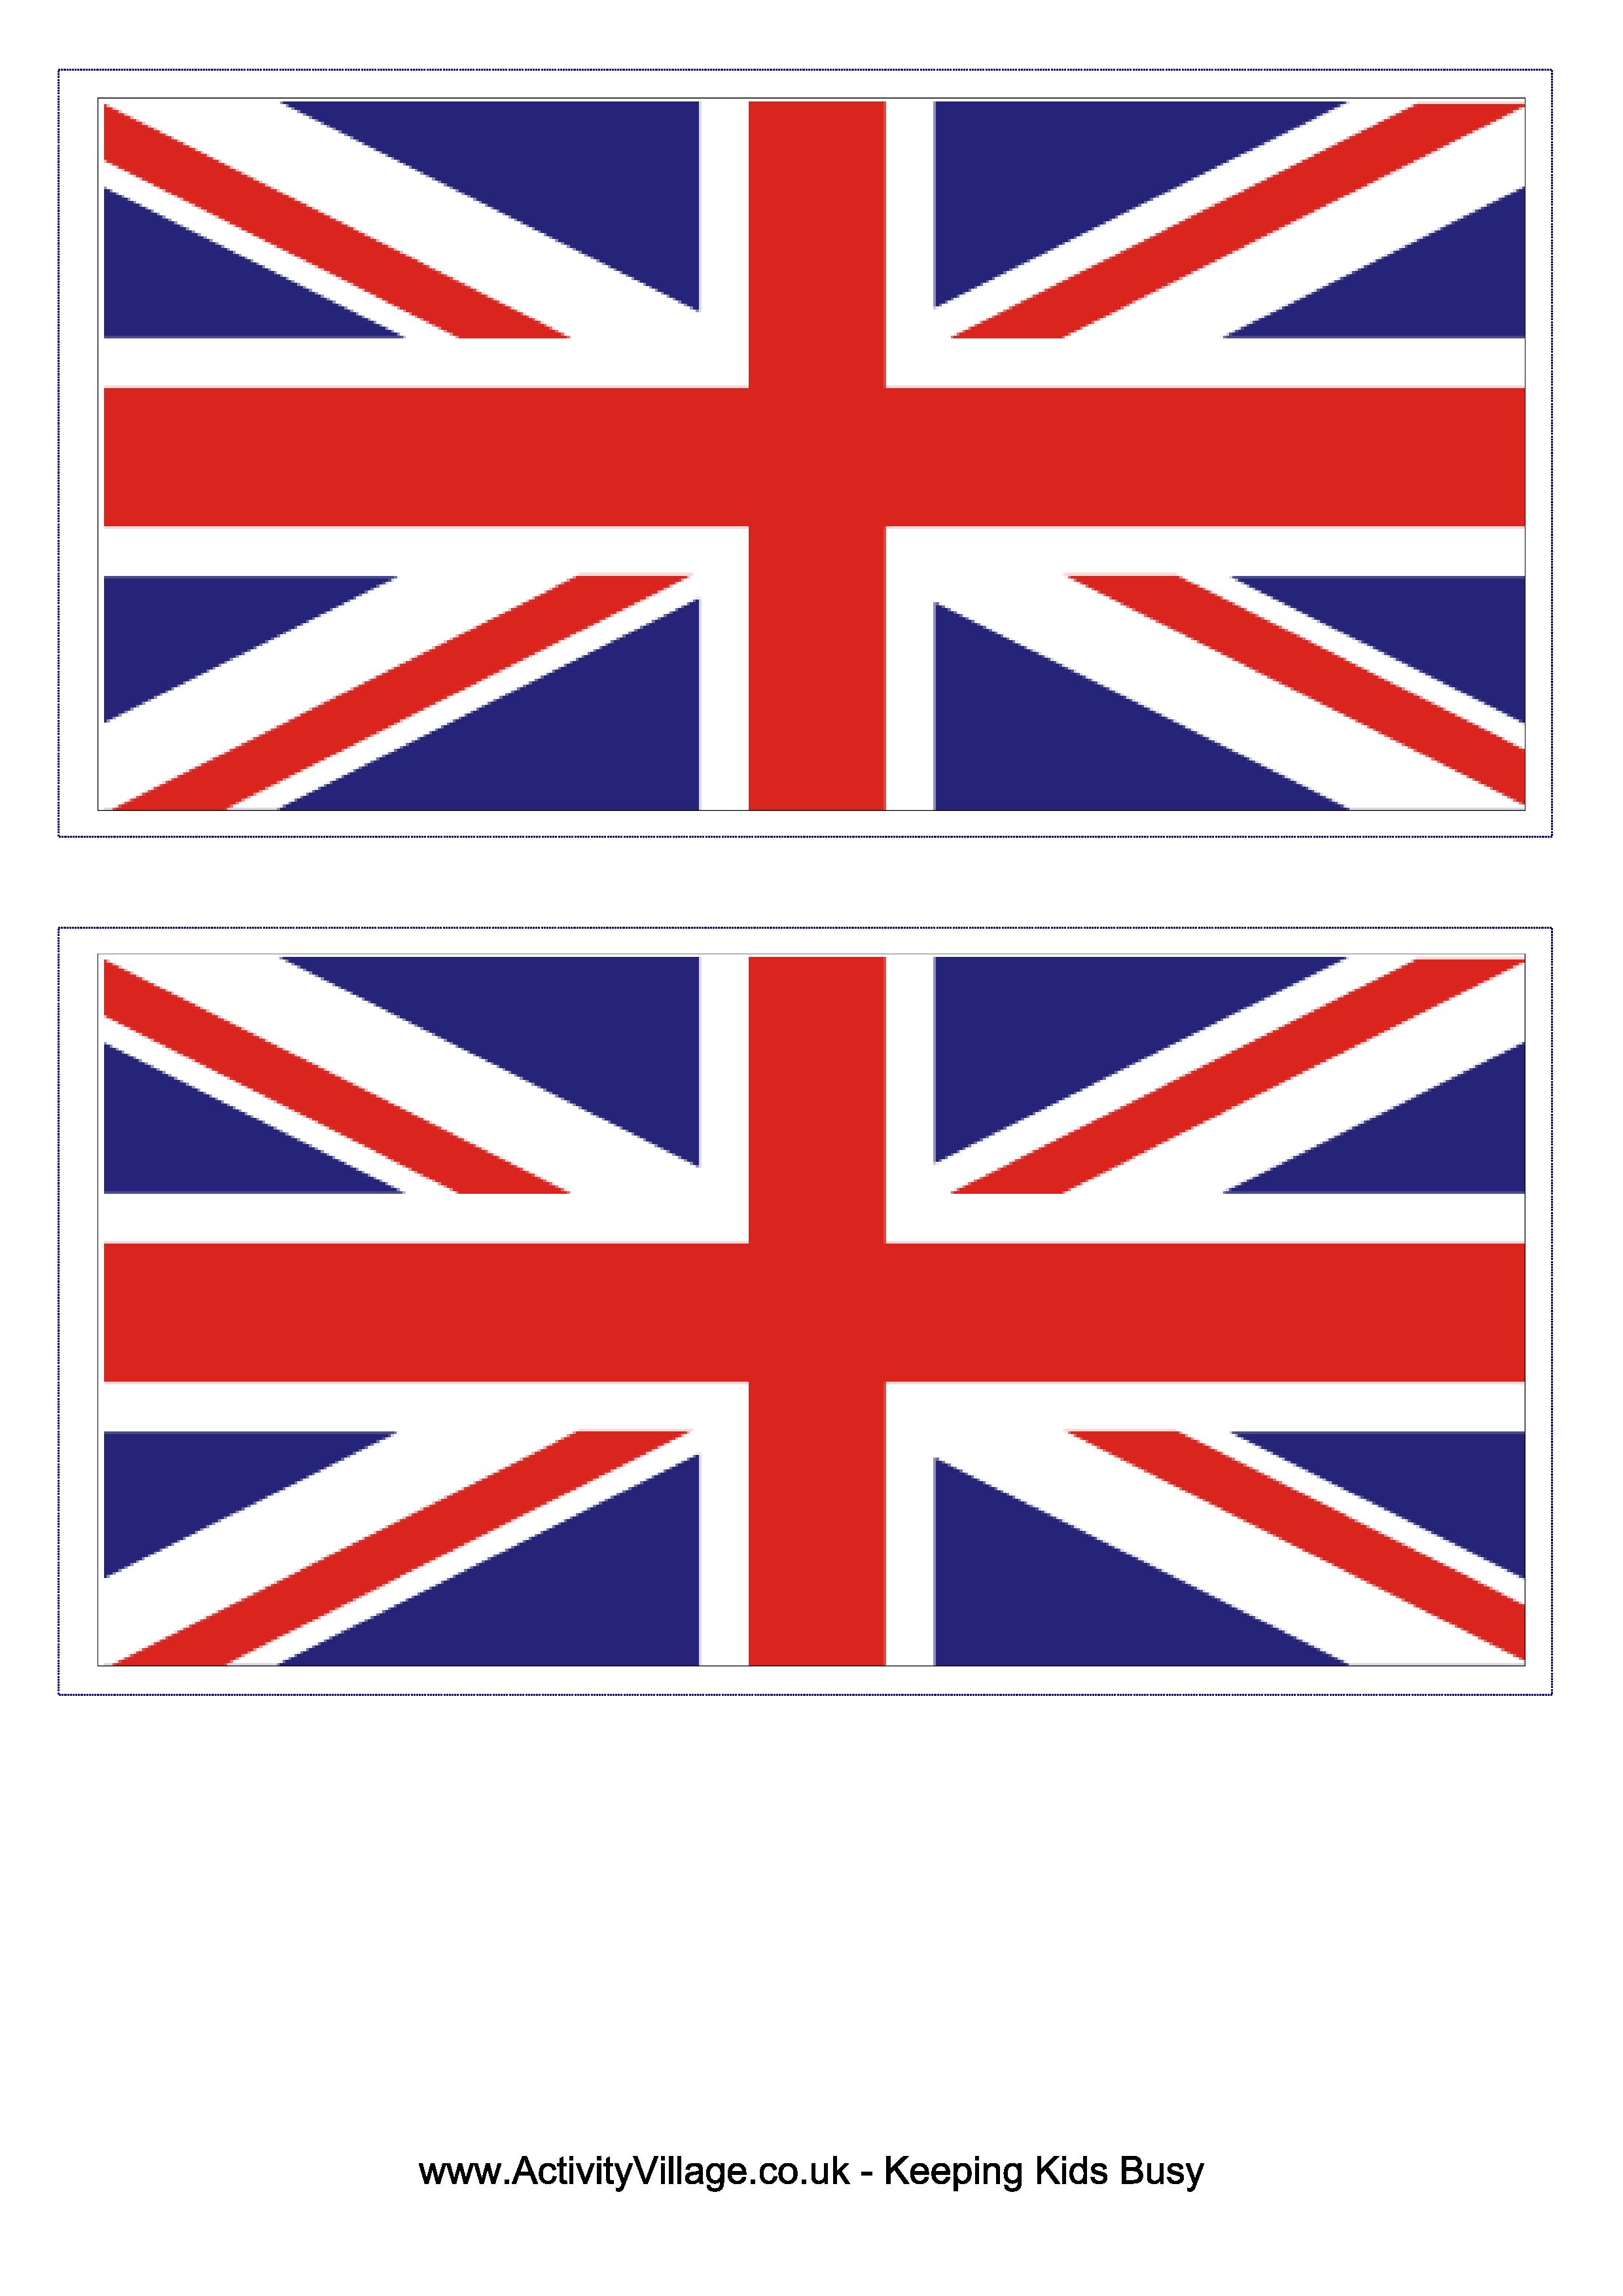 United Kingdom Flag Download This Free Printable United Kingdom Template A4 Flag A5 Flag 8 And 21 Flags On One Flag Template United Kingdom Flag Templates